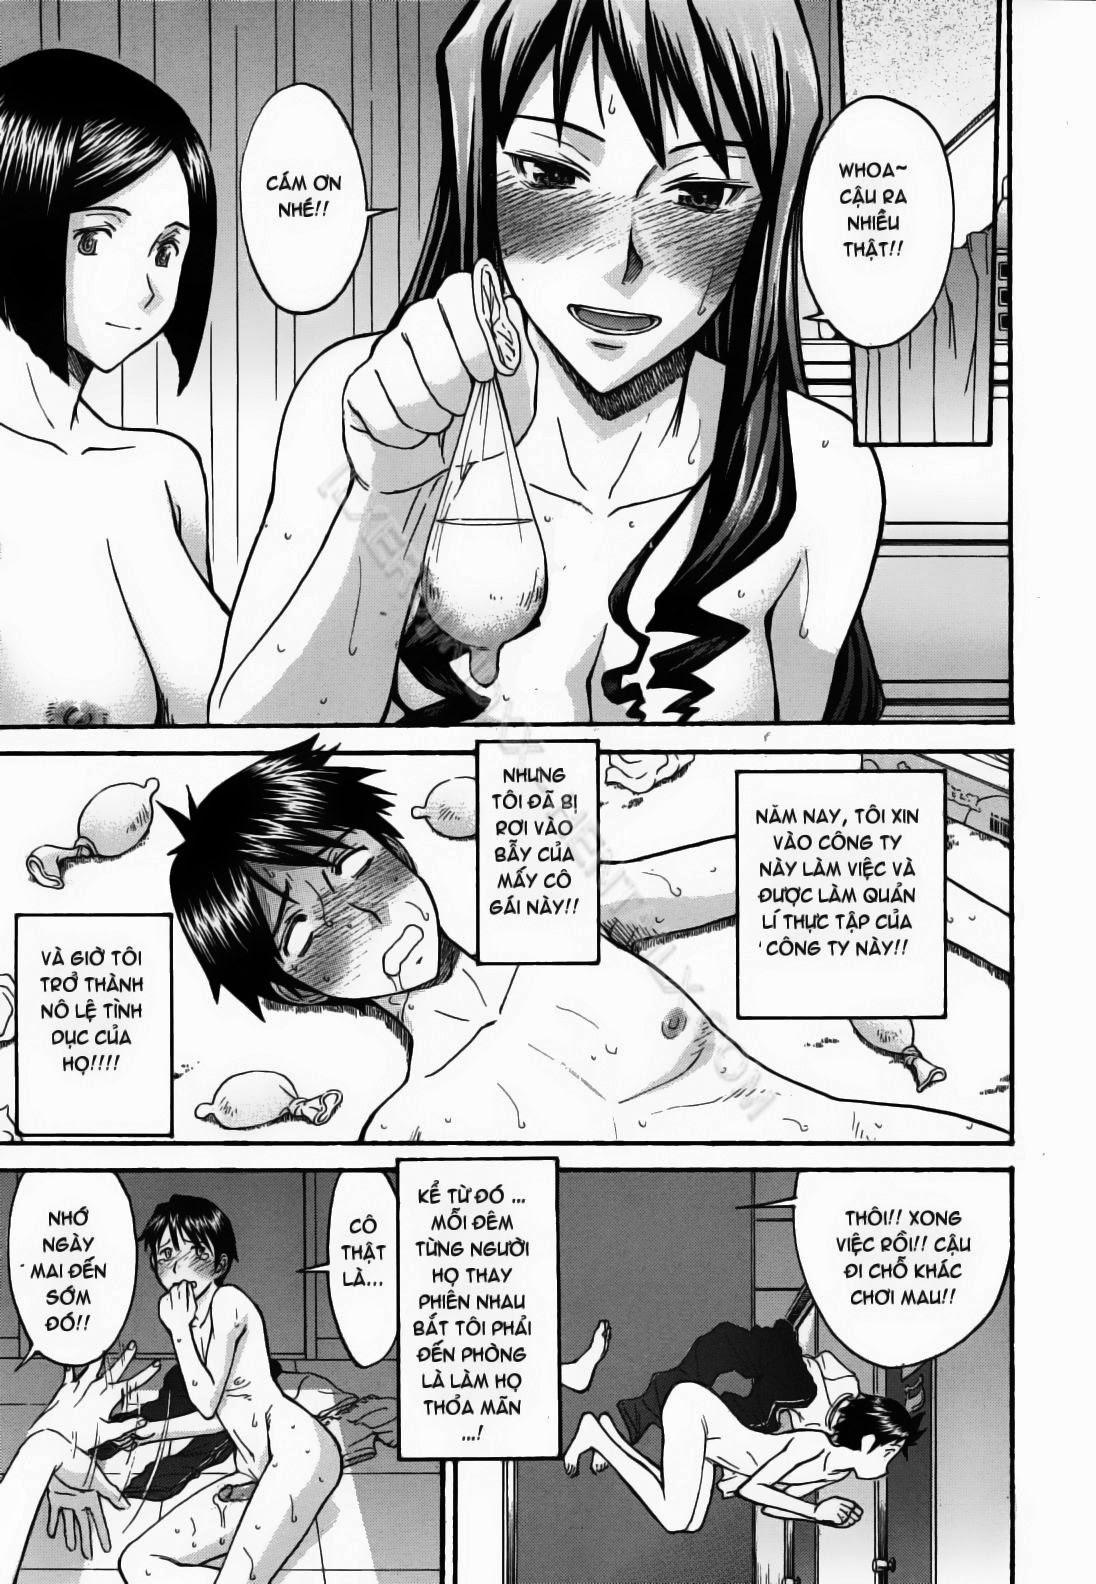 Hình ảnh Hinh003 in Sex Bạo Dâm Dây Trói Xiềng Xích [Uncen]